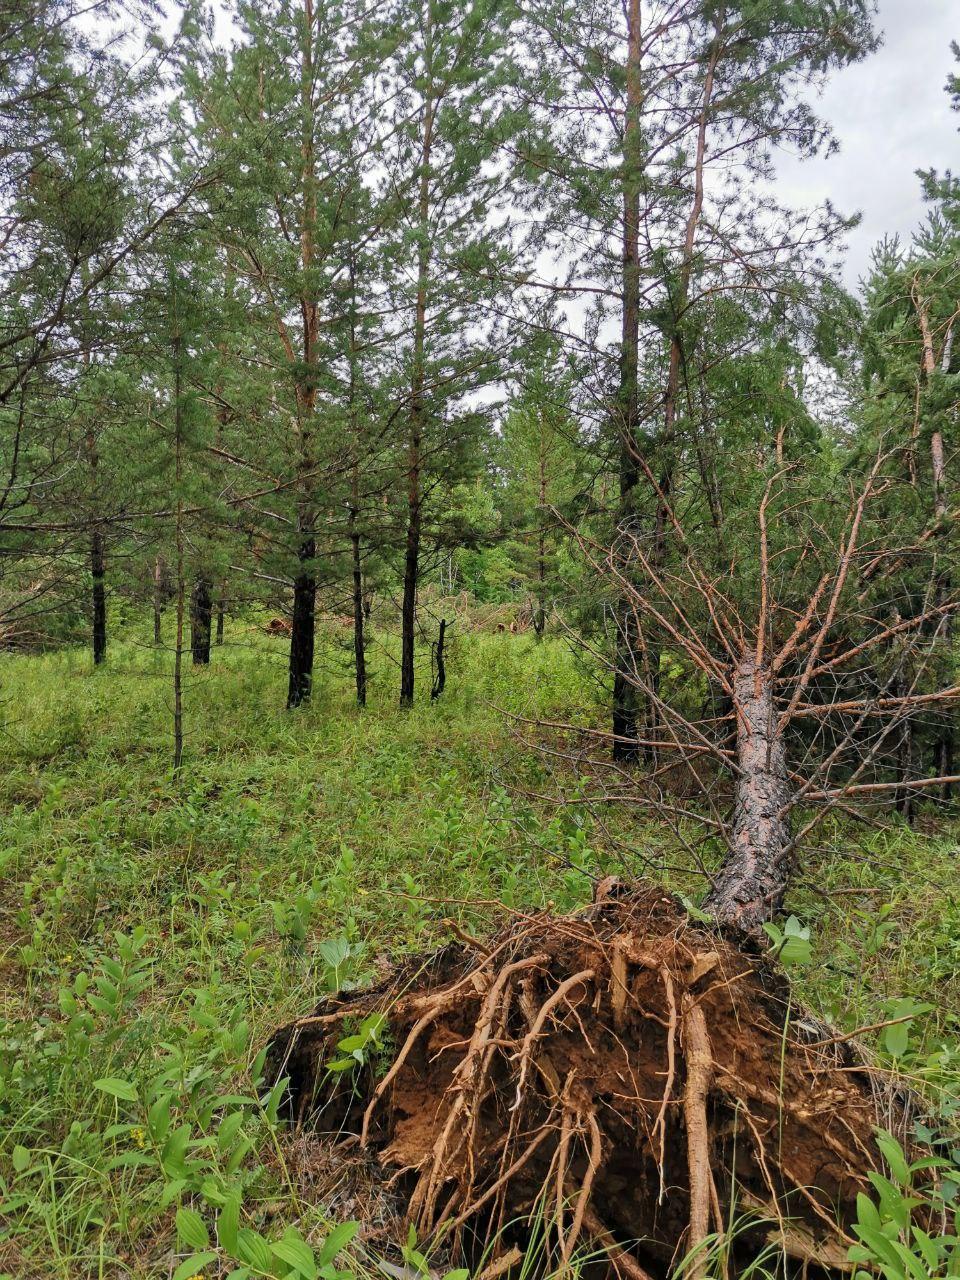 Последствия ночного шторма. Район Смоленки, недалеко от дачного кооператива. 23 июля